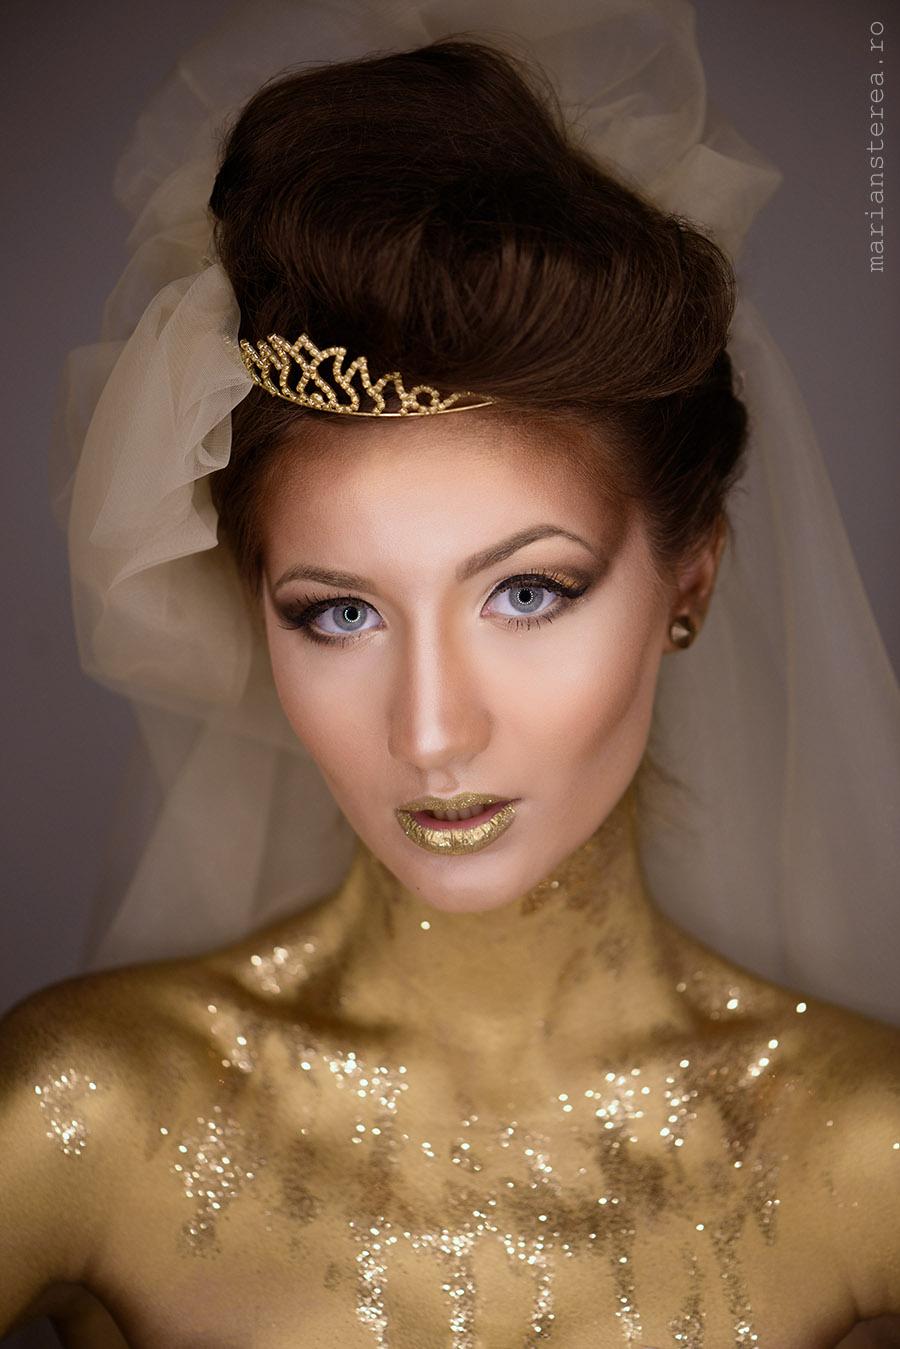 makeup retouch